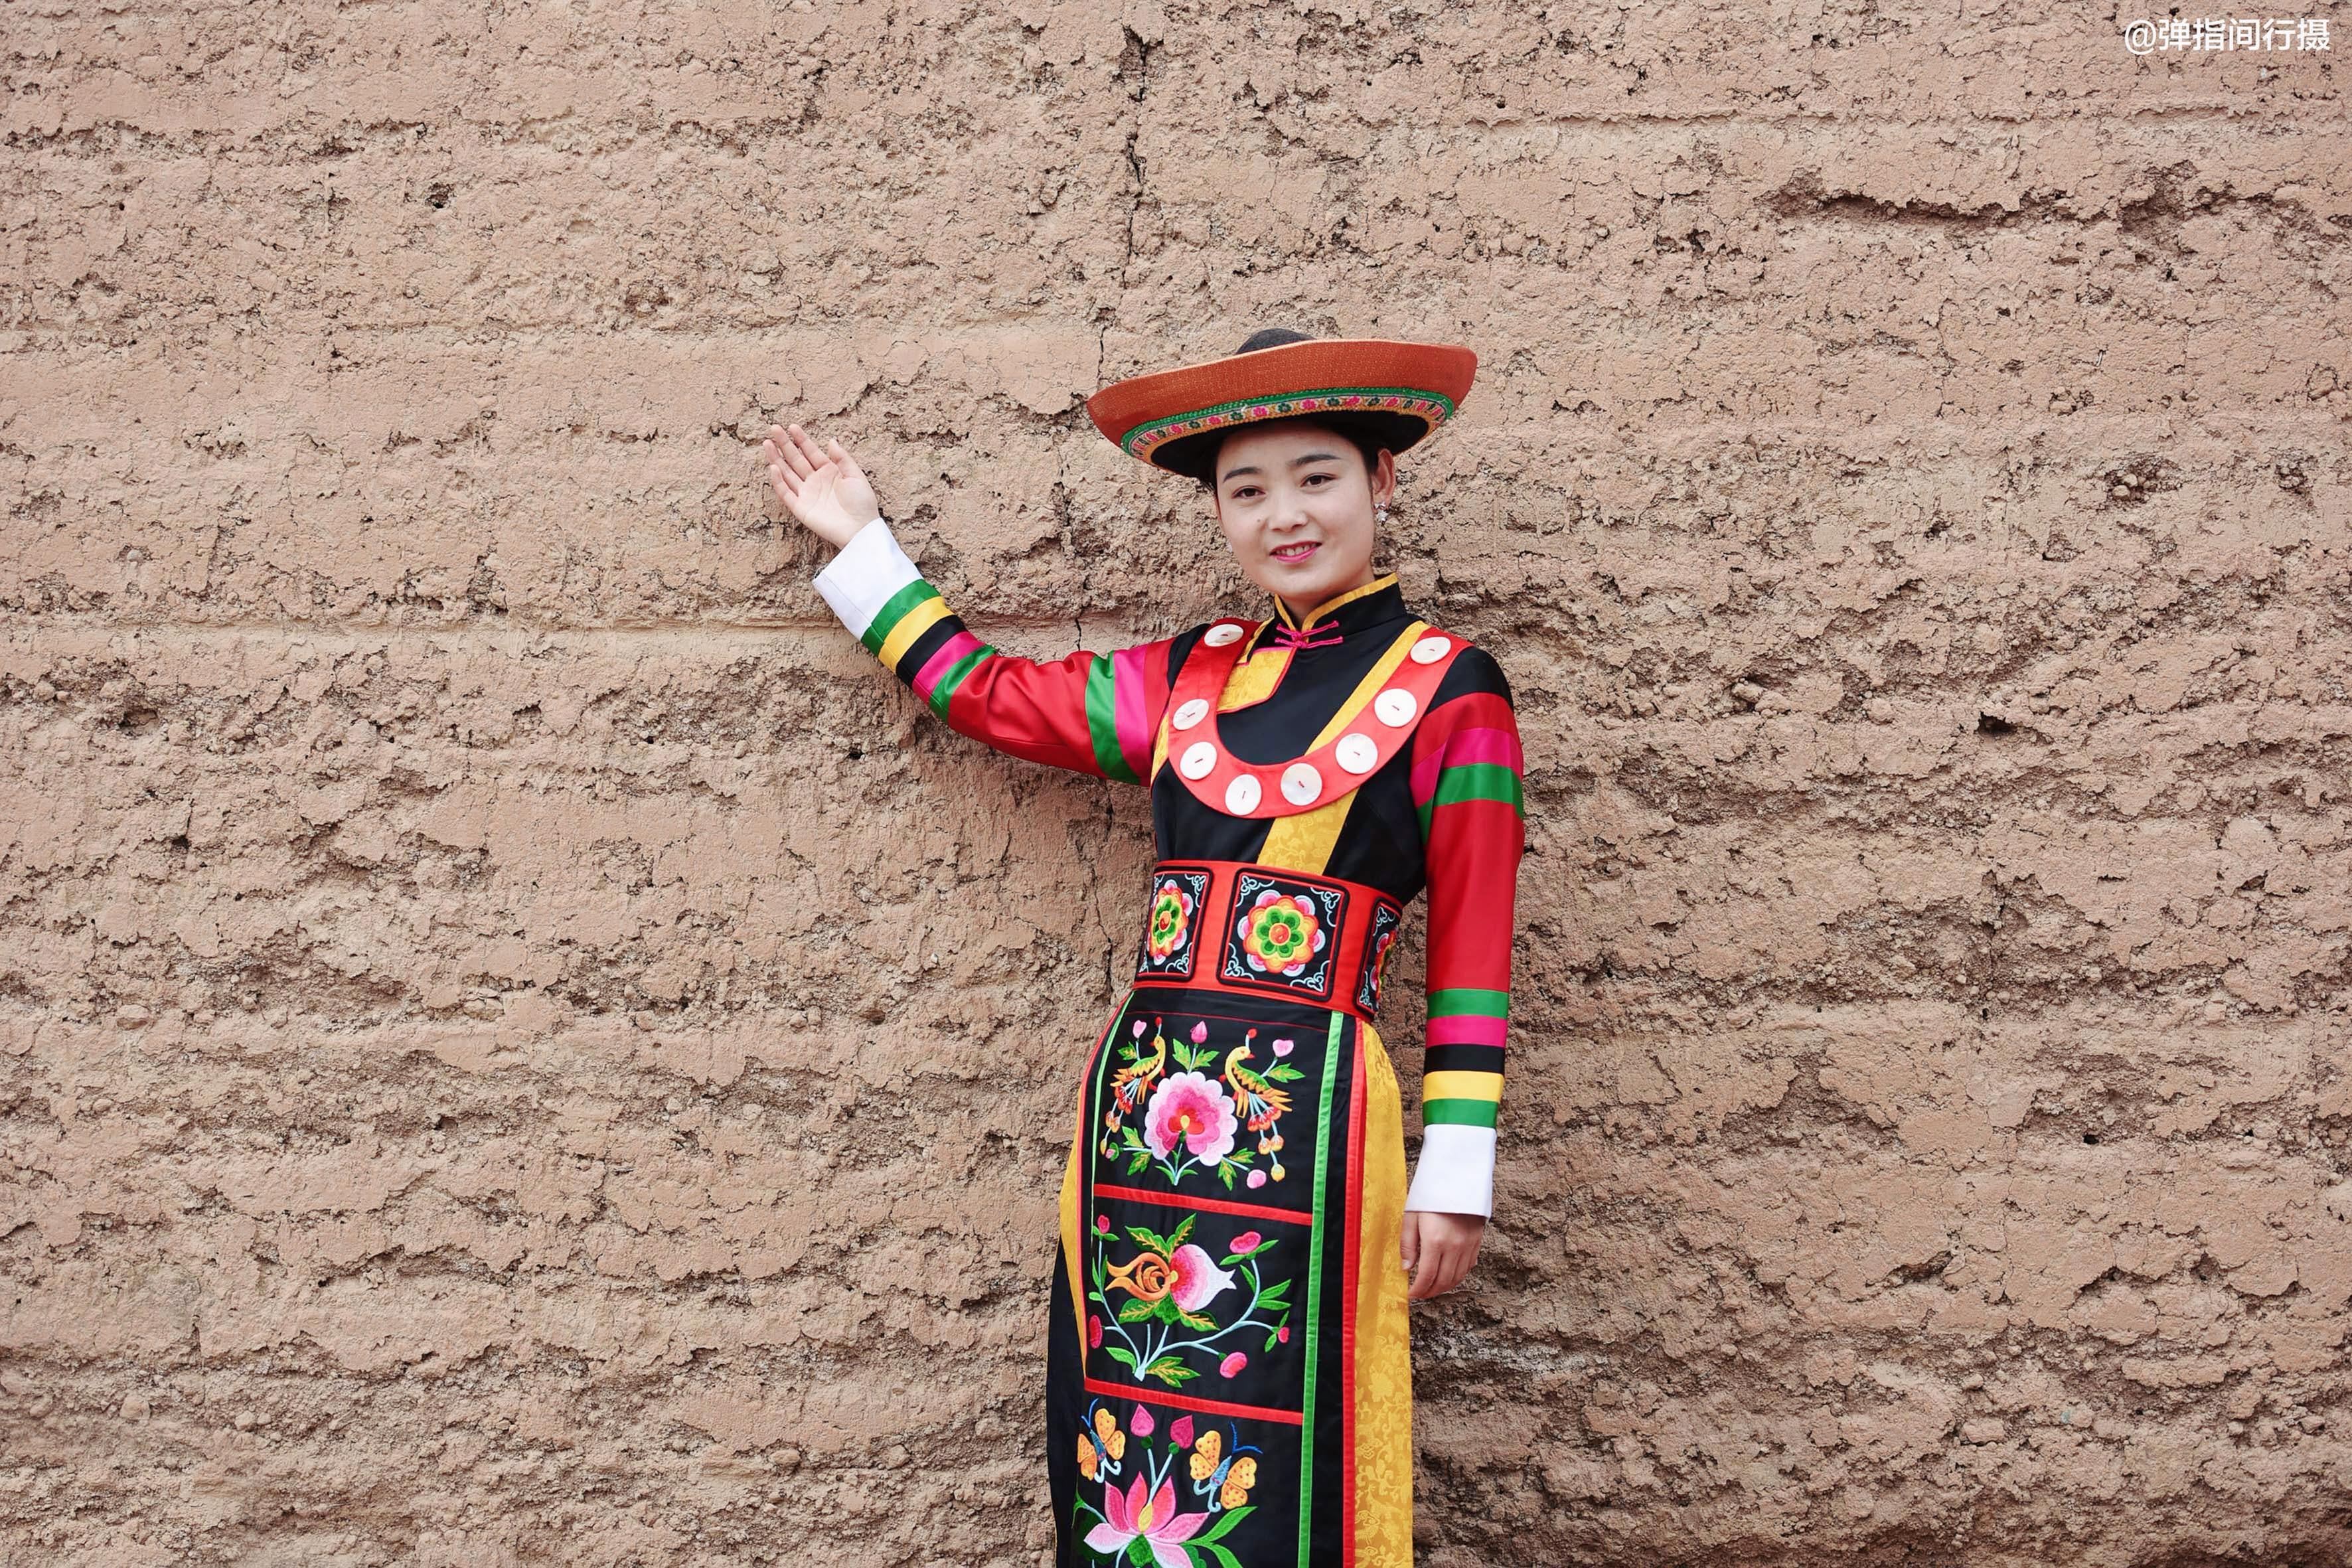 """探秘青藏高原上的""""美人窝"""",土族姑娘个个身材高挑,肤白貌美"""